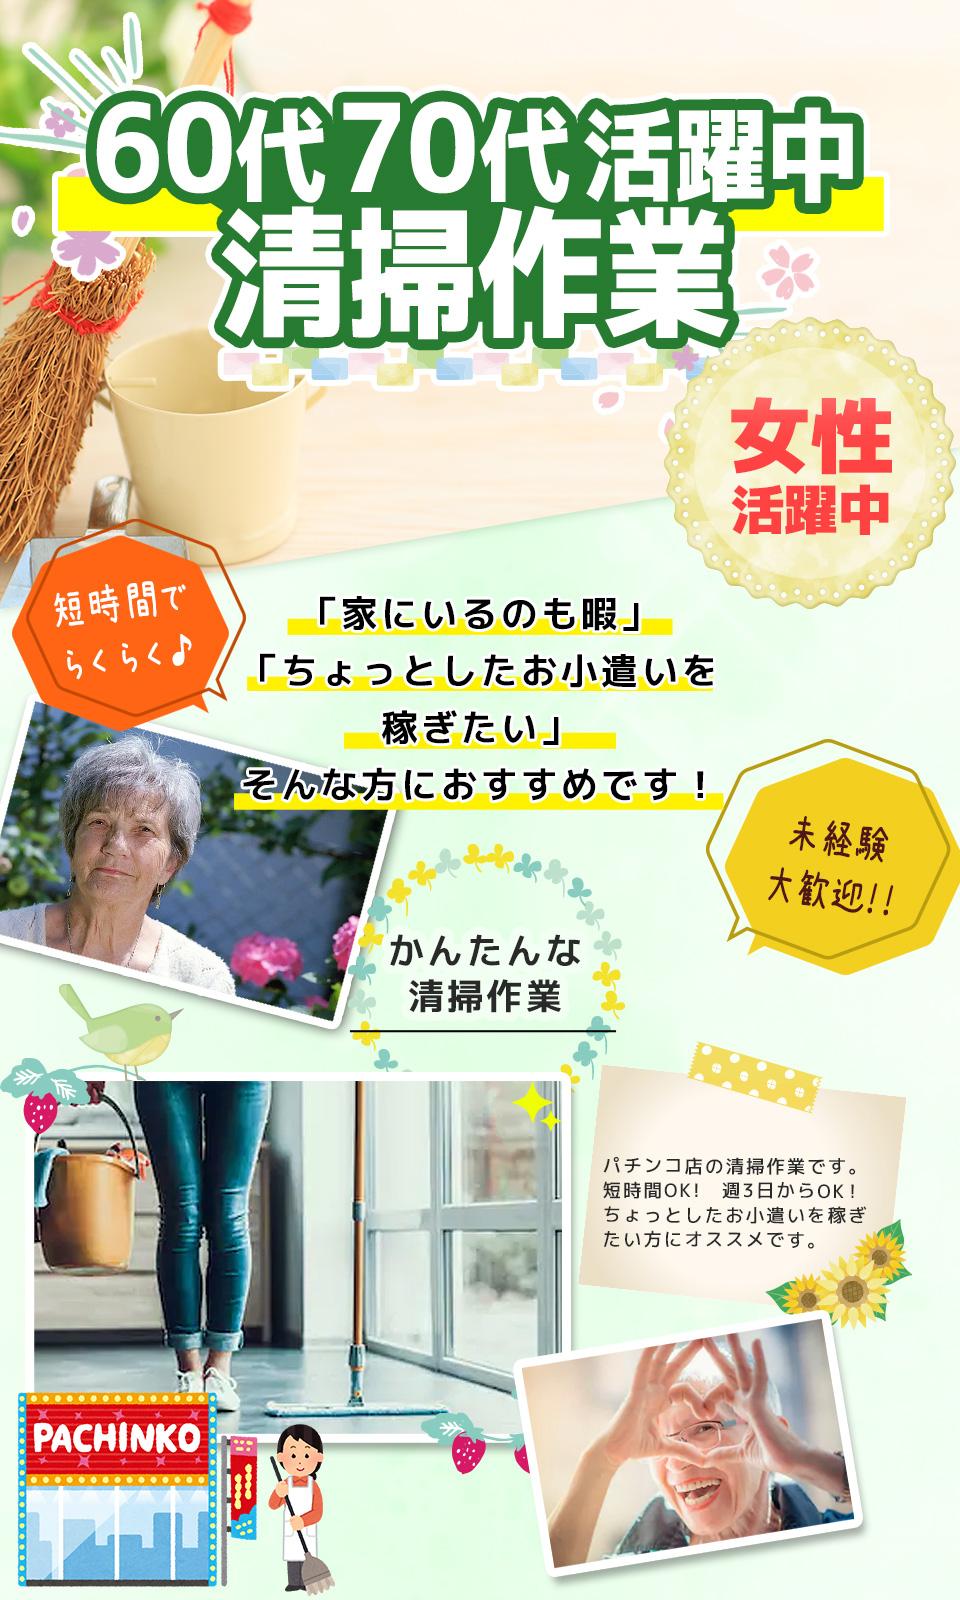 パチンコ店での清掃作業 愛知県豊川市の派遣社員求人